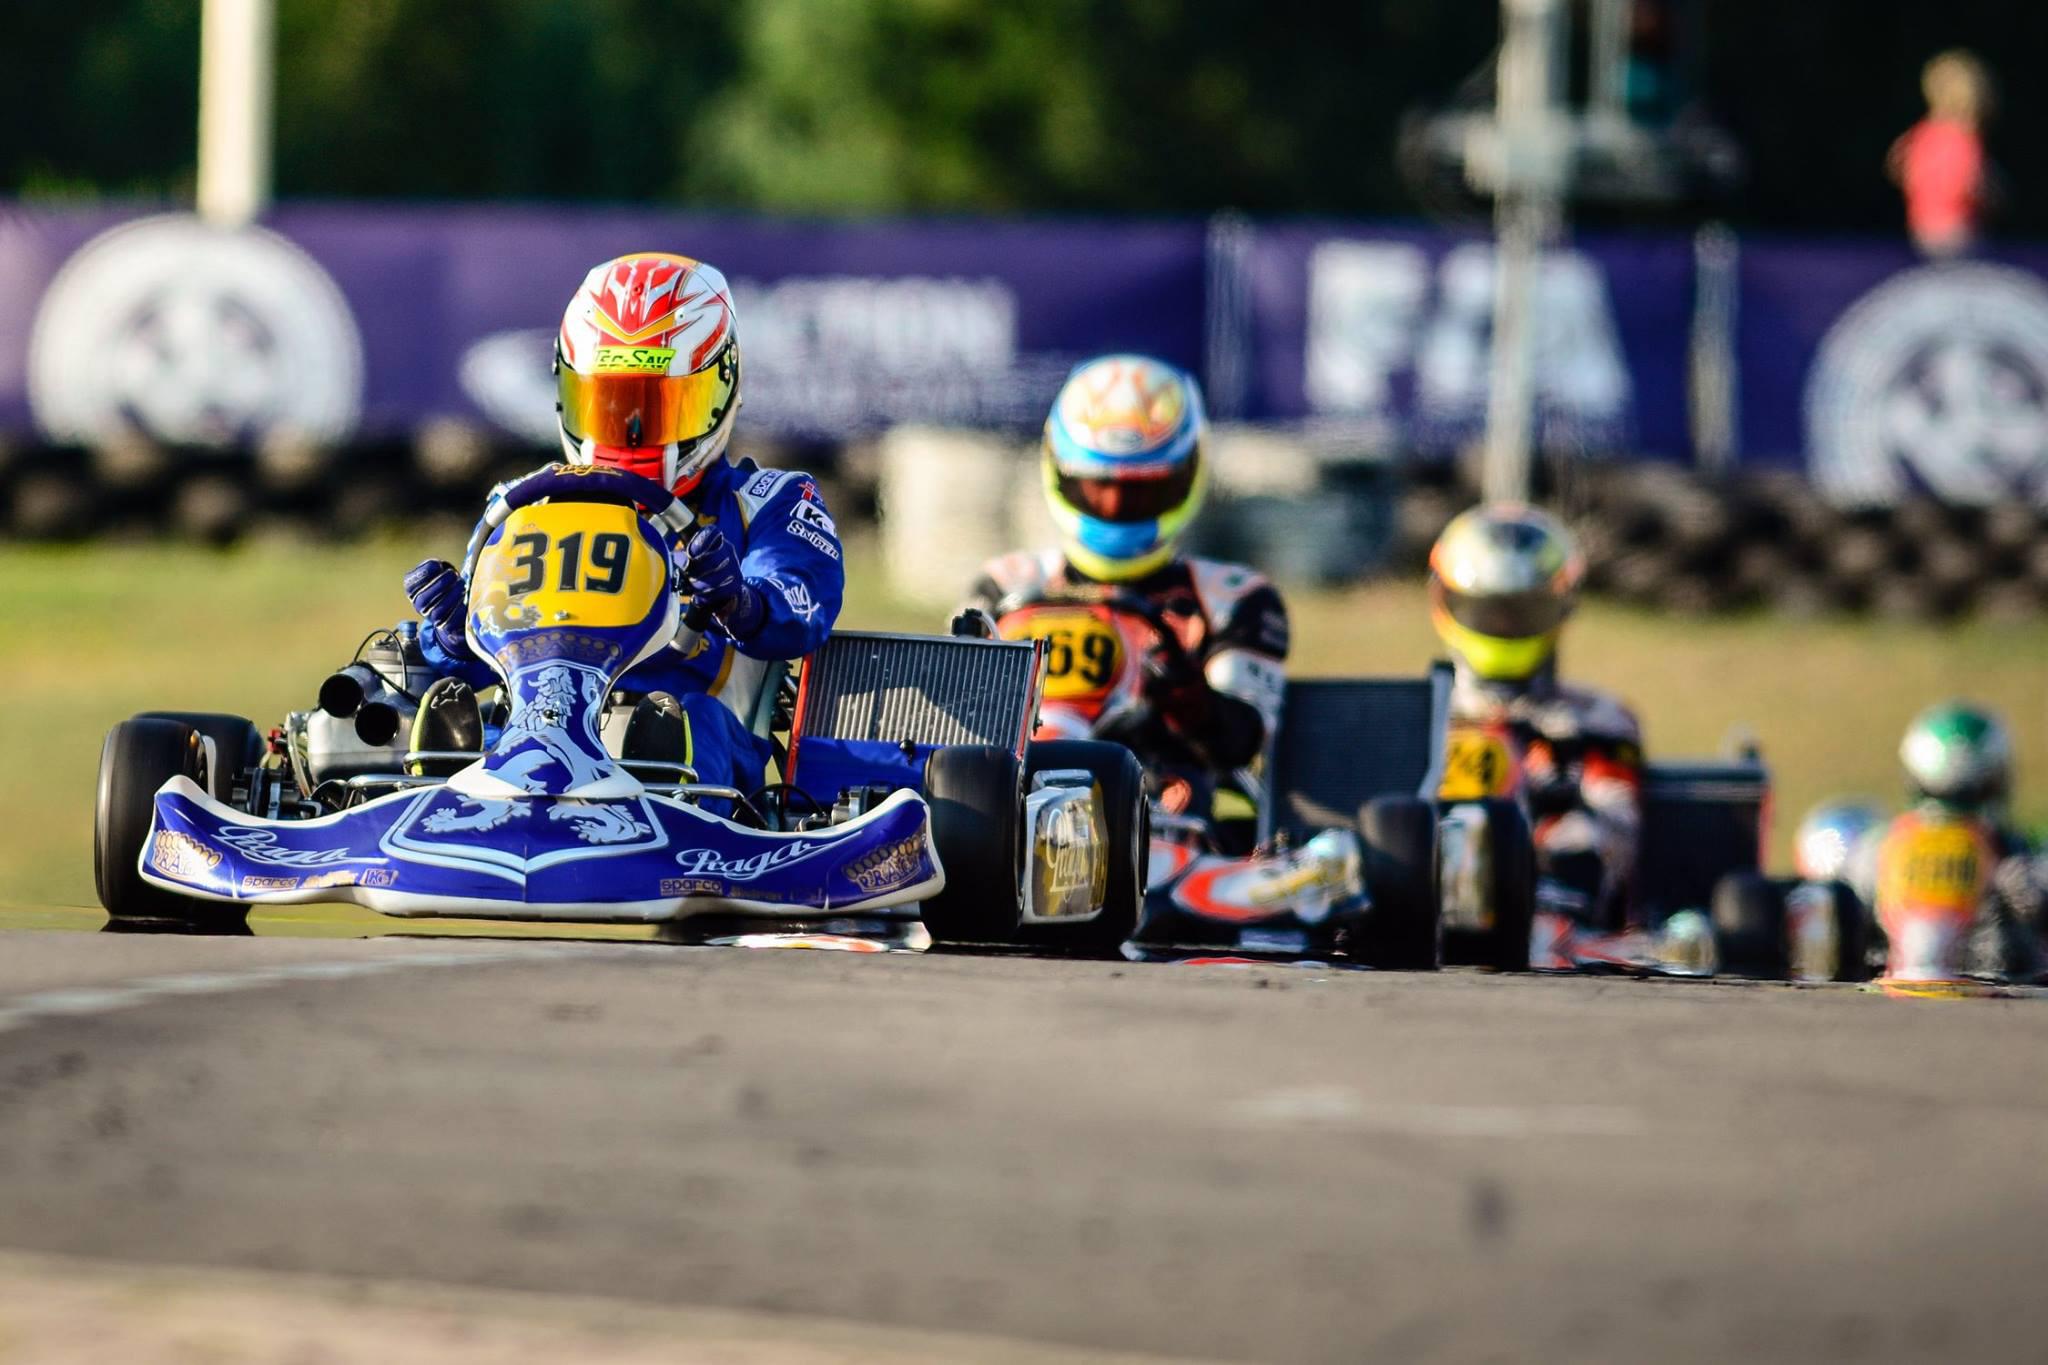 Praga Kart Racing reached podium in Sweden